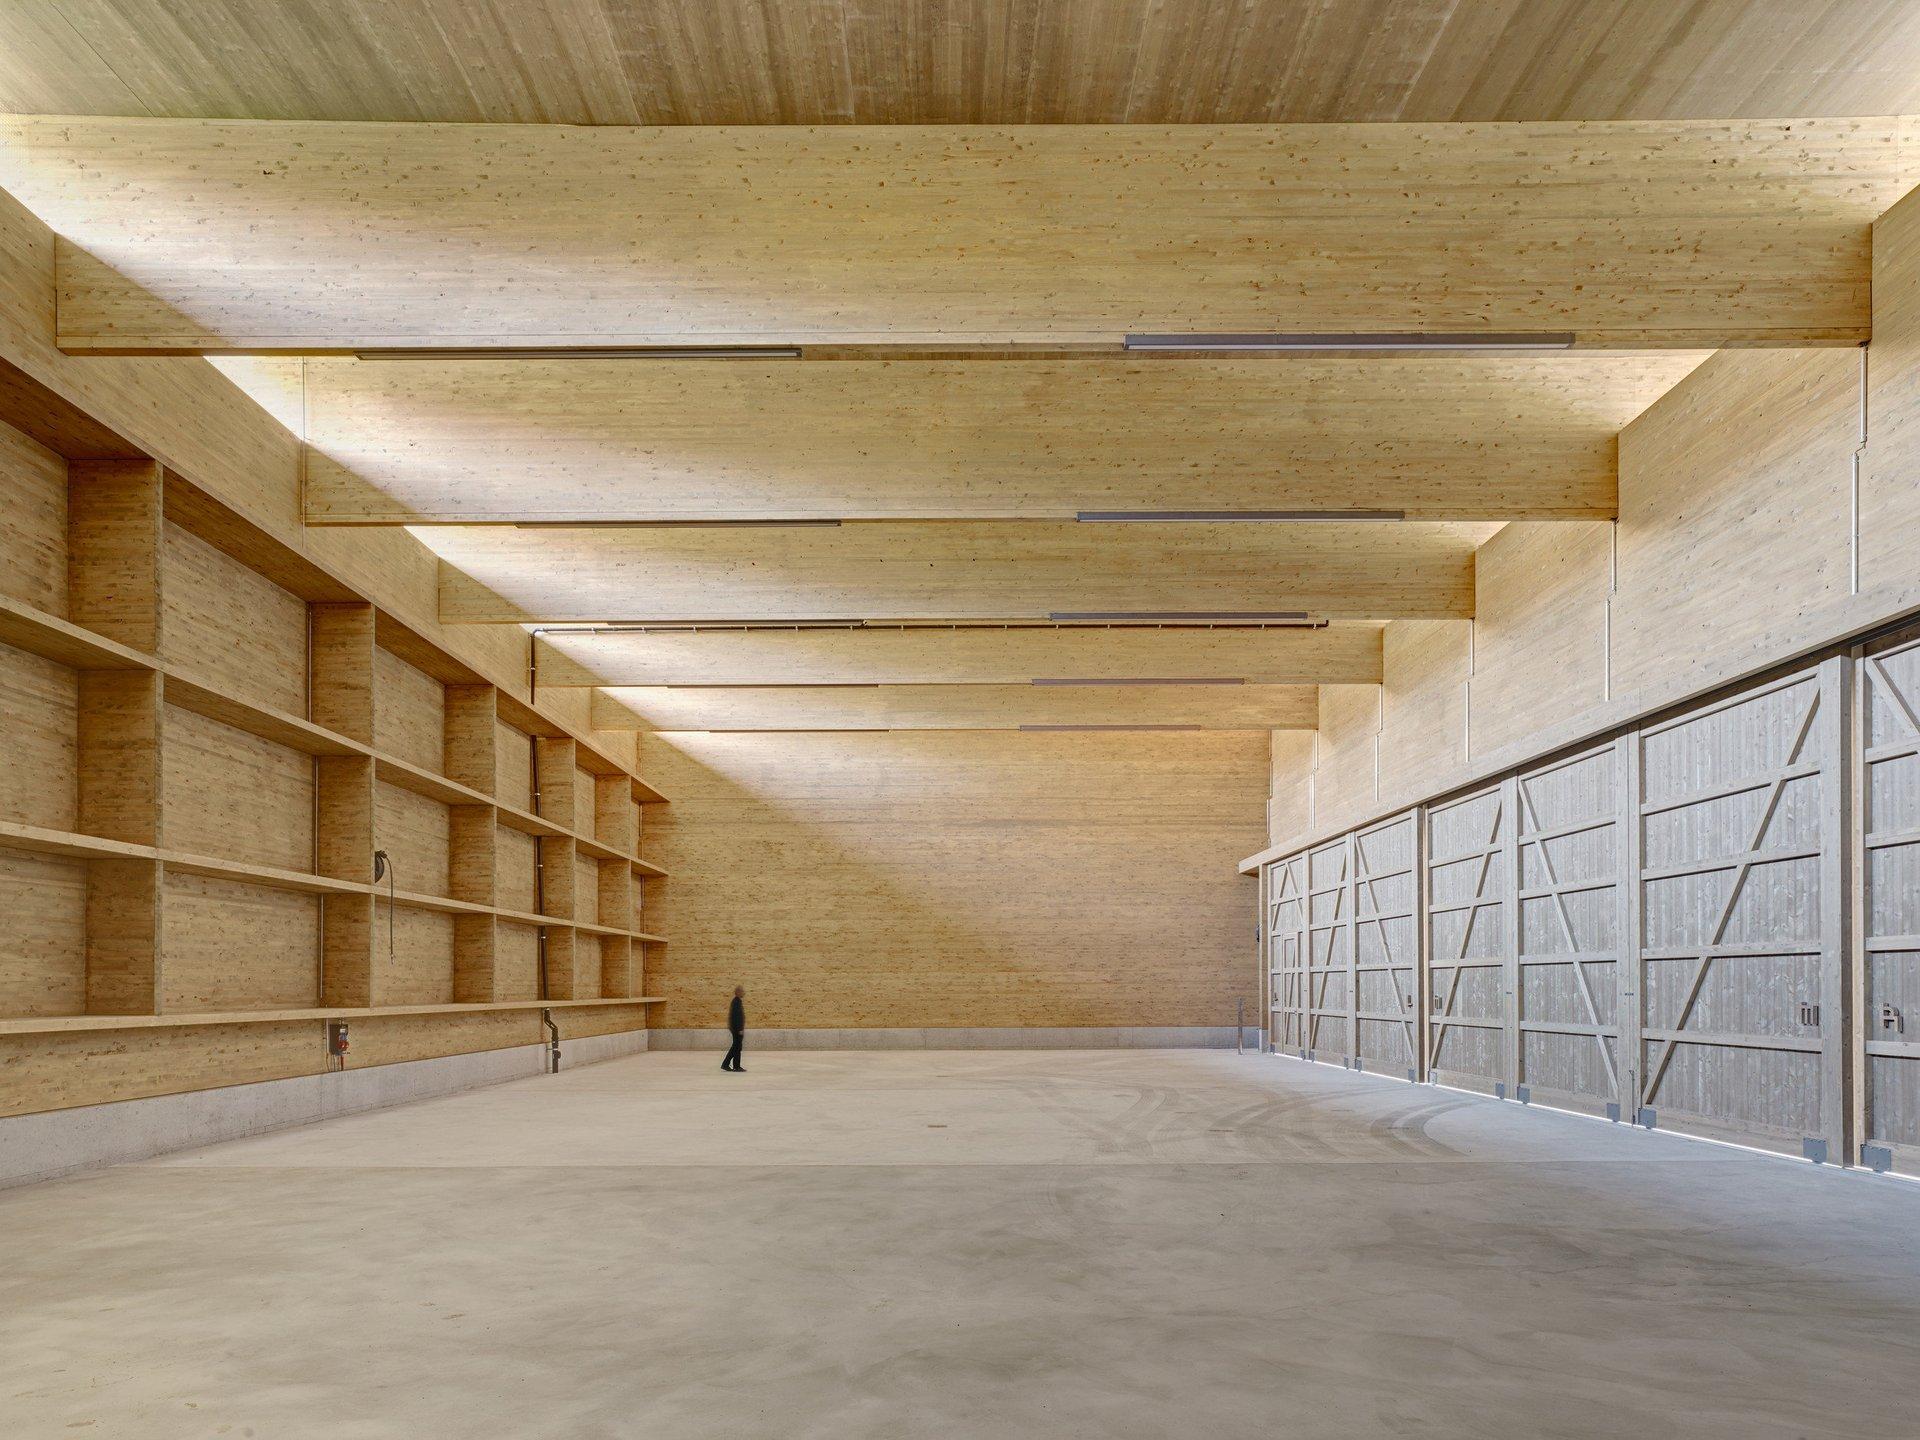 Werkhalle aus Holz in traditioneller Blockbauweise